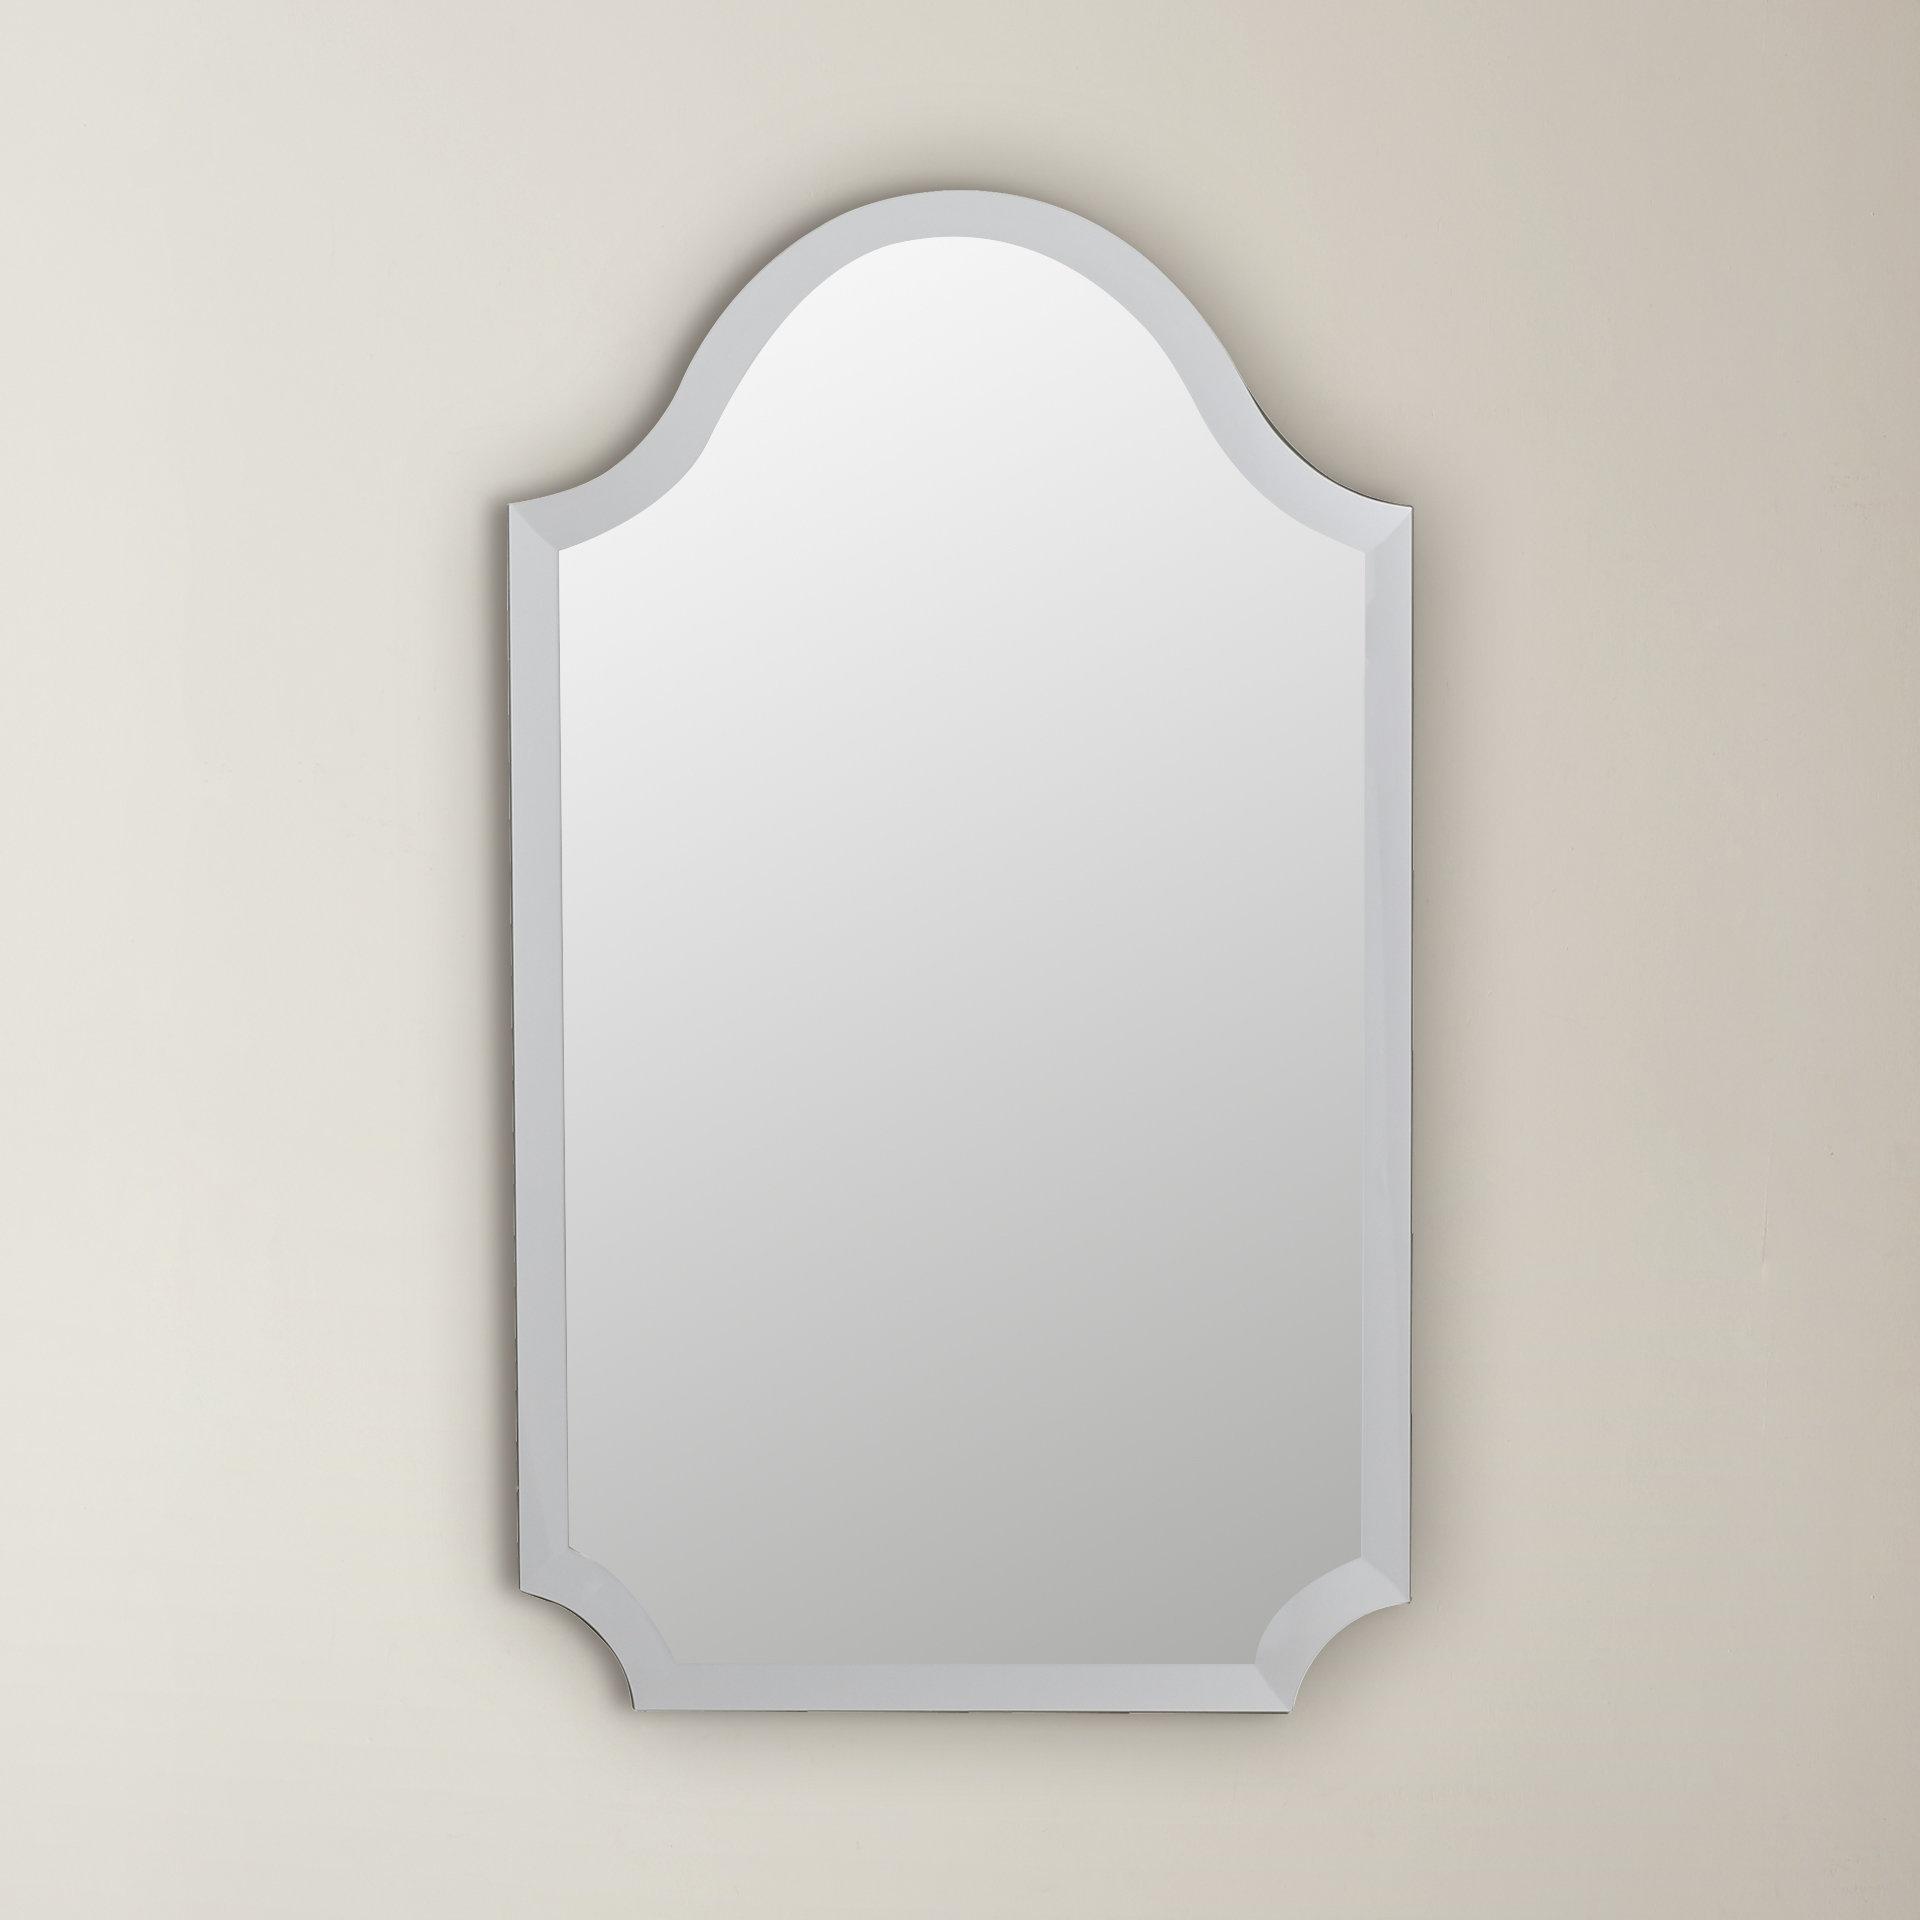 Most Popular Dariel Tall Arched Scalloped Wall Mirrors Inside Willa Arlo Interiors Dariel Tall Arched Scalloped Wall Mirror (View 3 of 20)